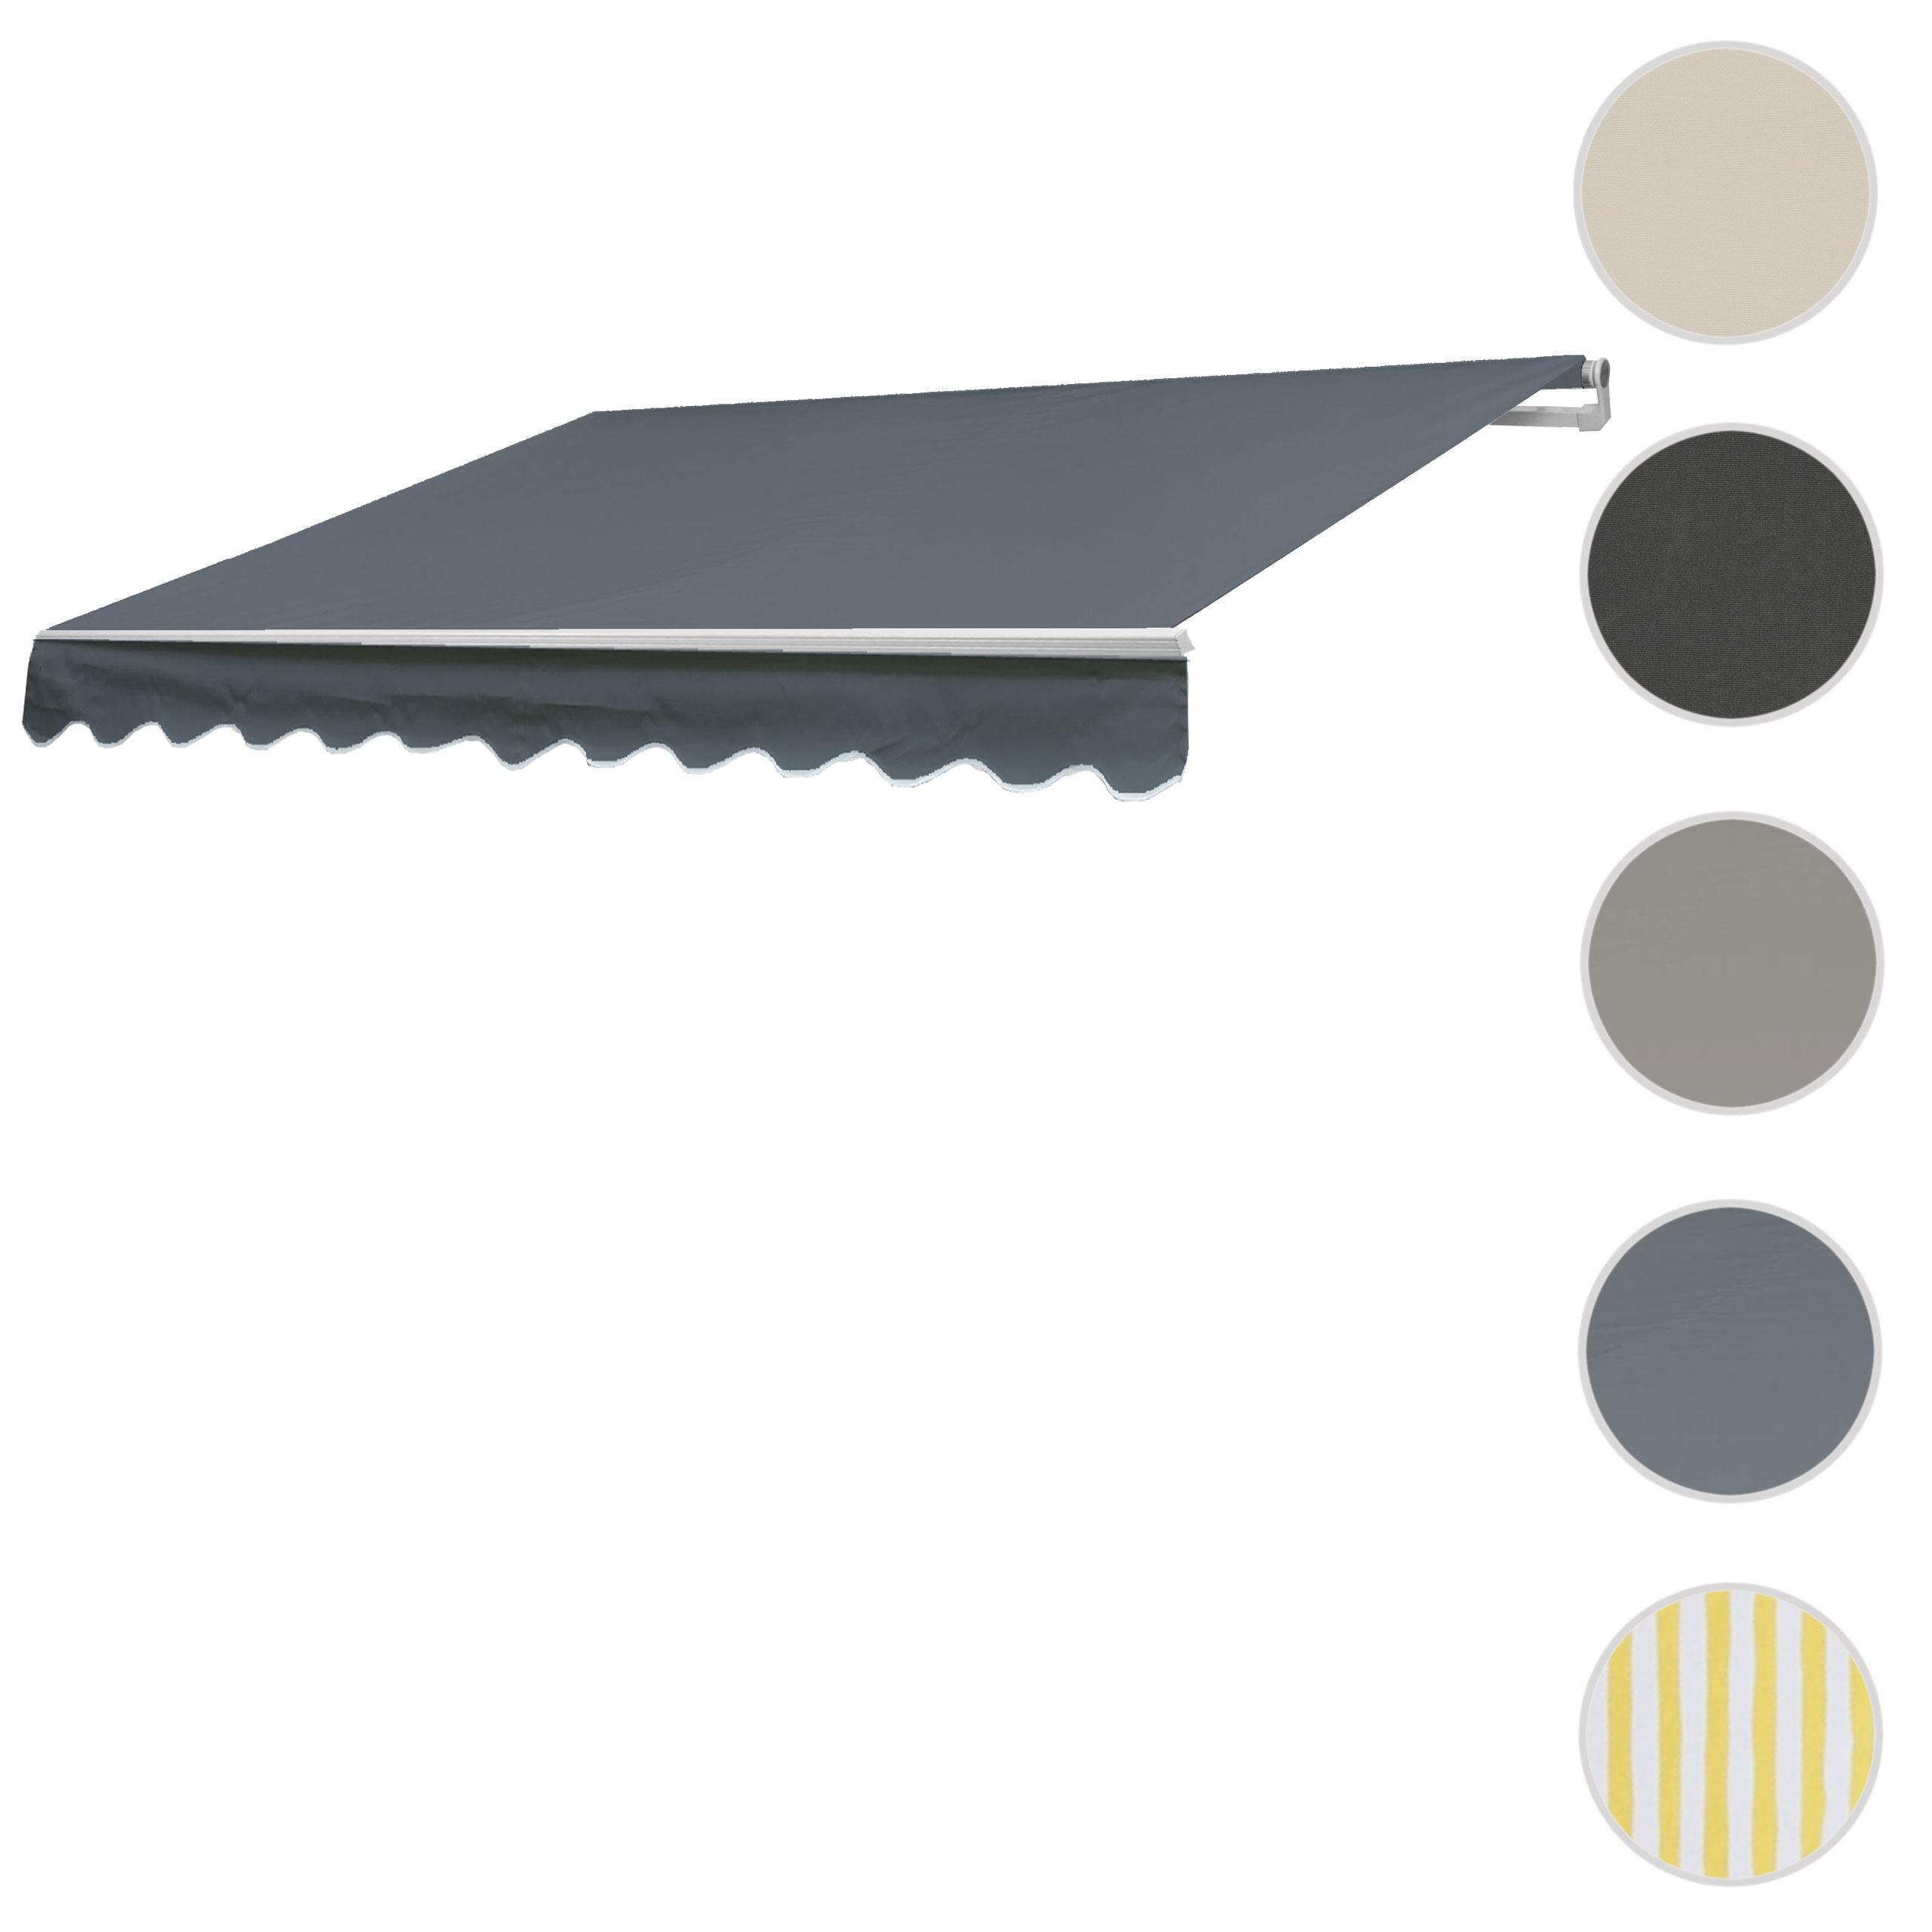 Mendler Bezug für Markise T792, Gelenkarmmarkise Ersatzbezug Sonnenschutz, 5x3m ~ Variantenangebot 77461